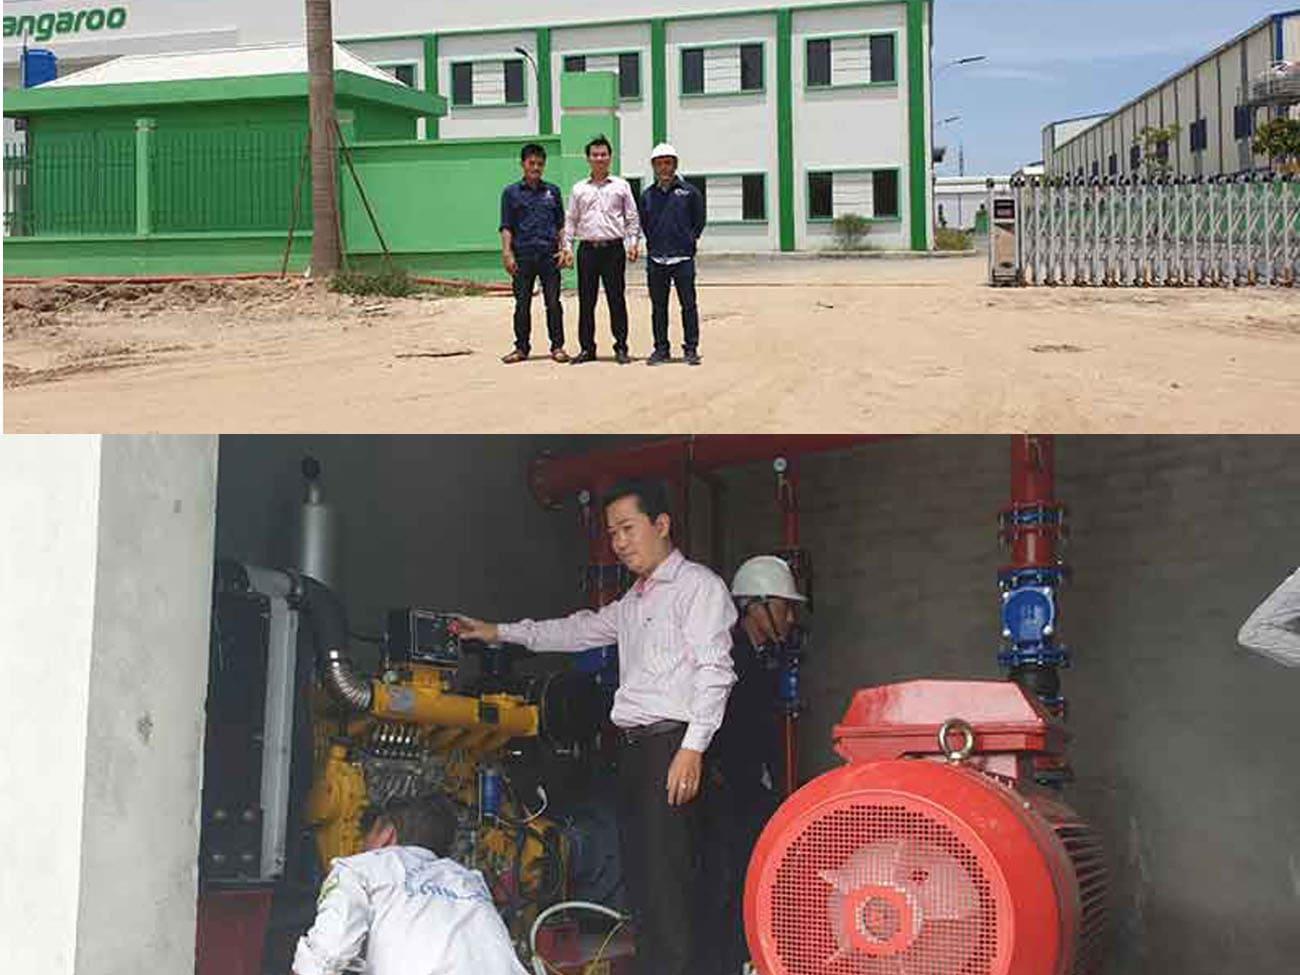 Cung cấp hệ thống chữa cháy, máy bơm chữa cháy cho nhà máy Kangaroo tại tỉnh Hưng Yên thumbnail